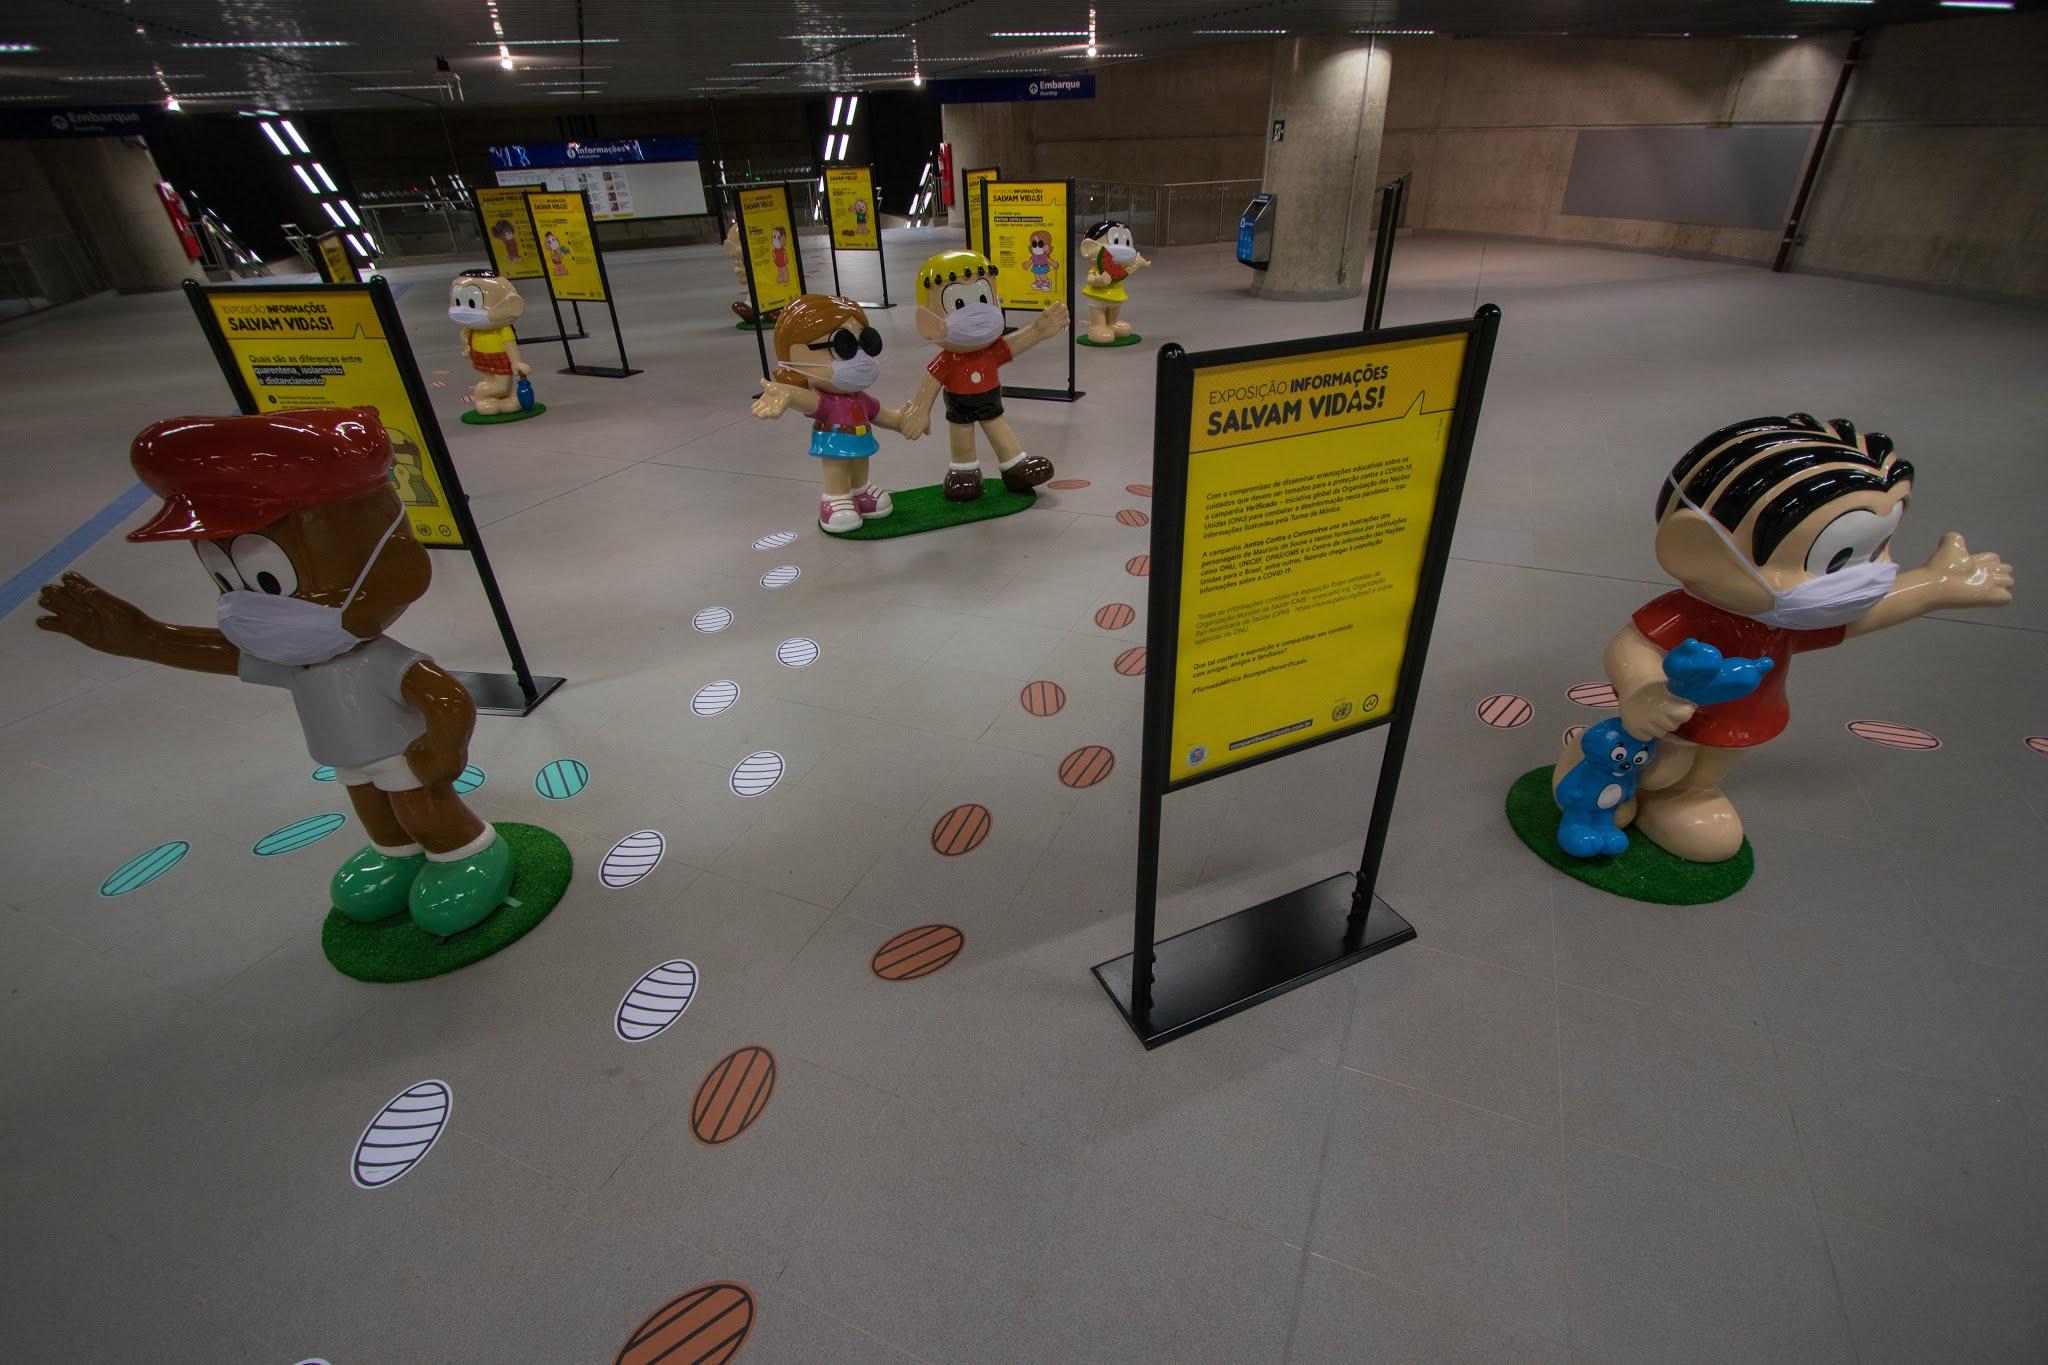 Exposição da Turma da Mônica e ONU no Metrô de São Paulo